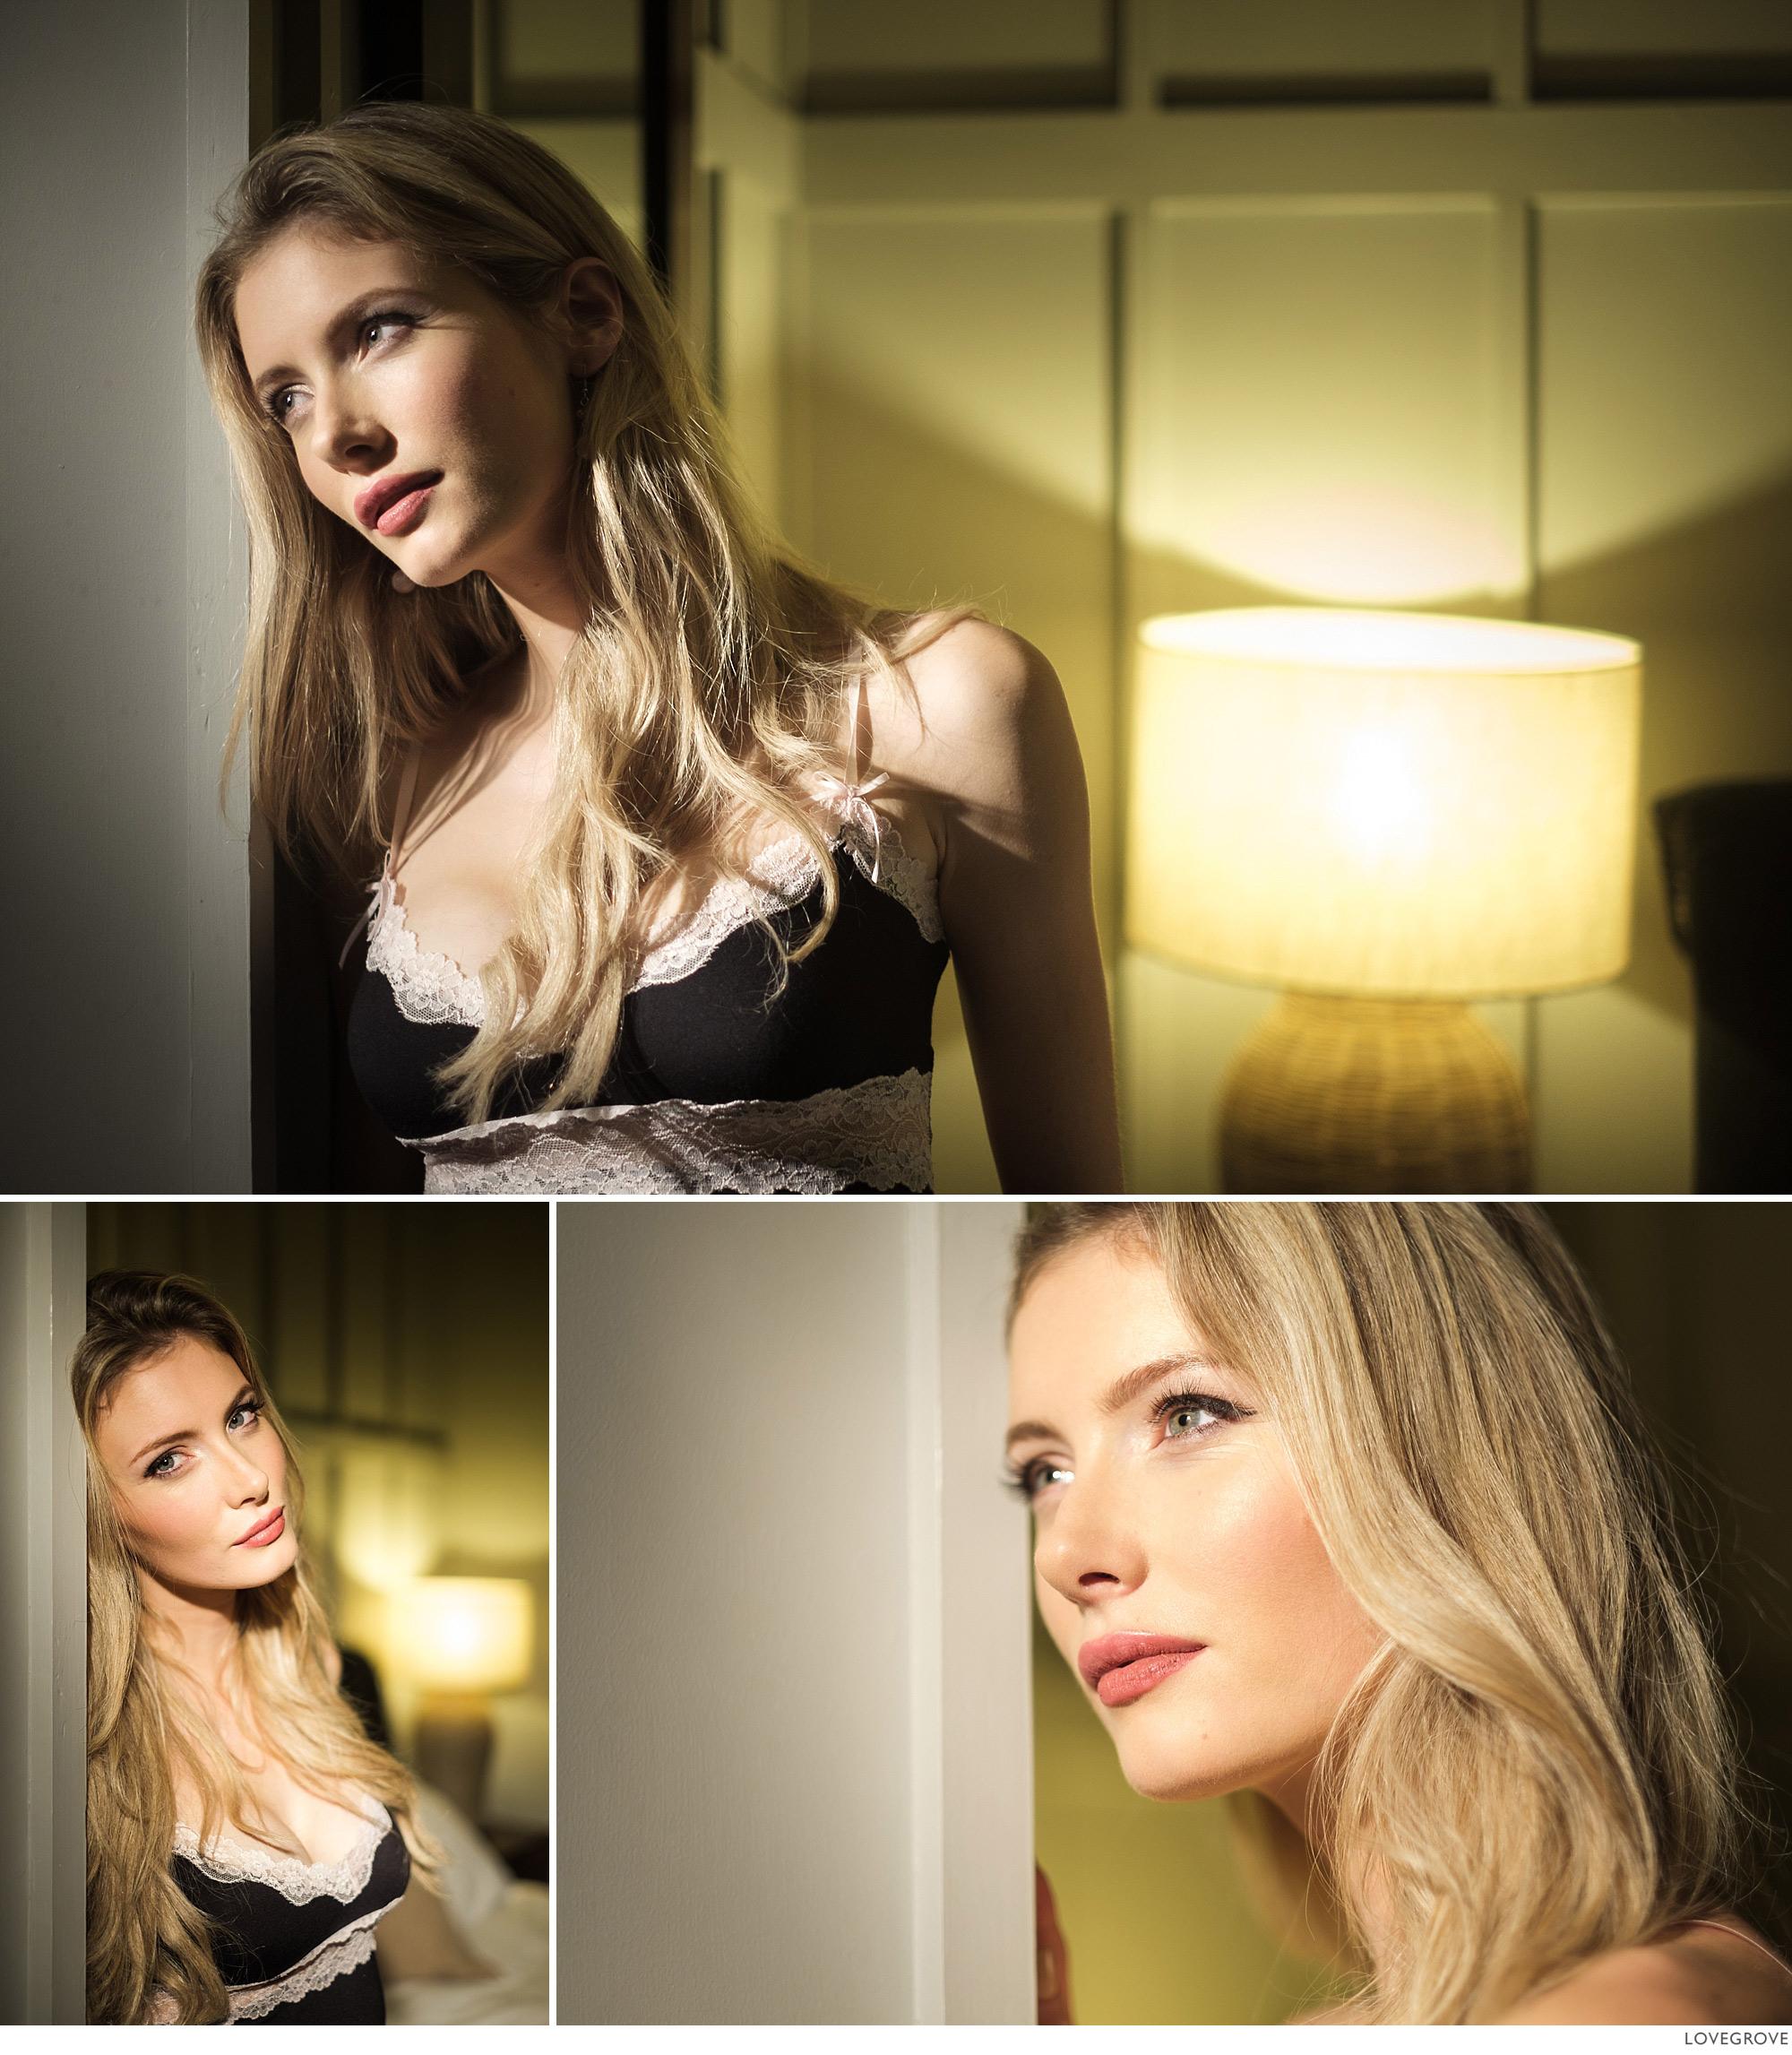 Victoria Grant Bond